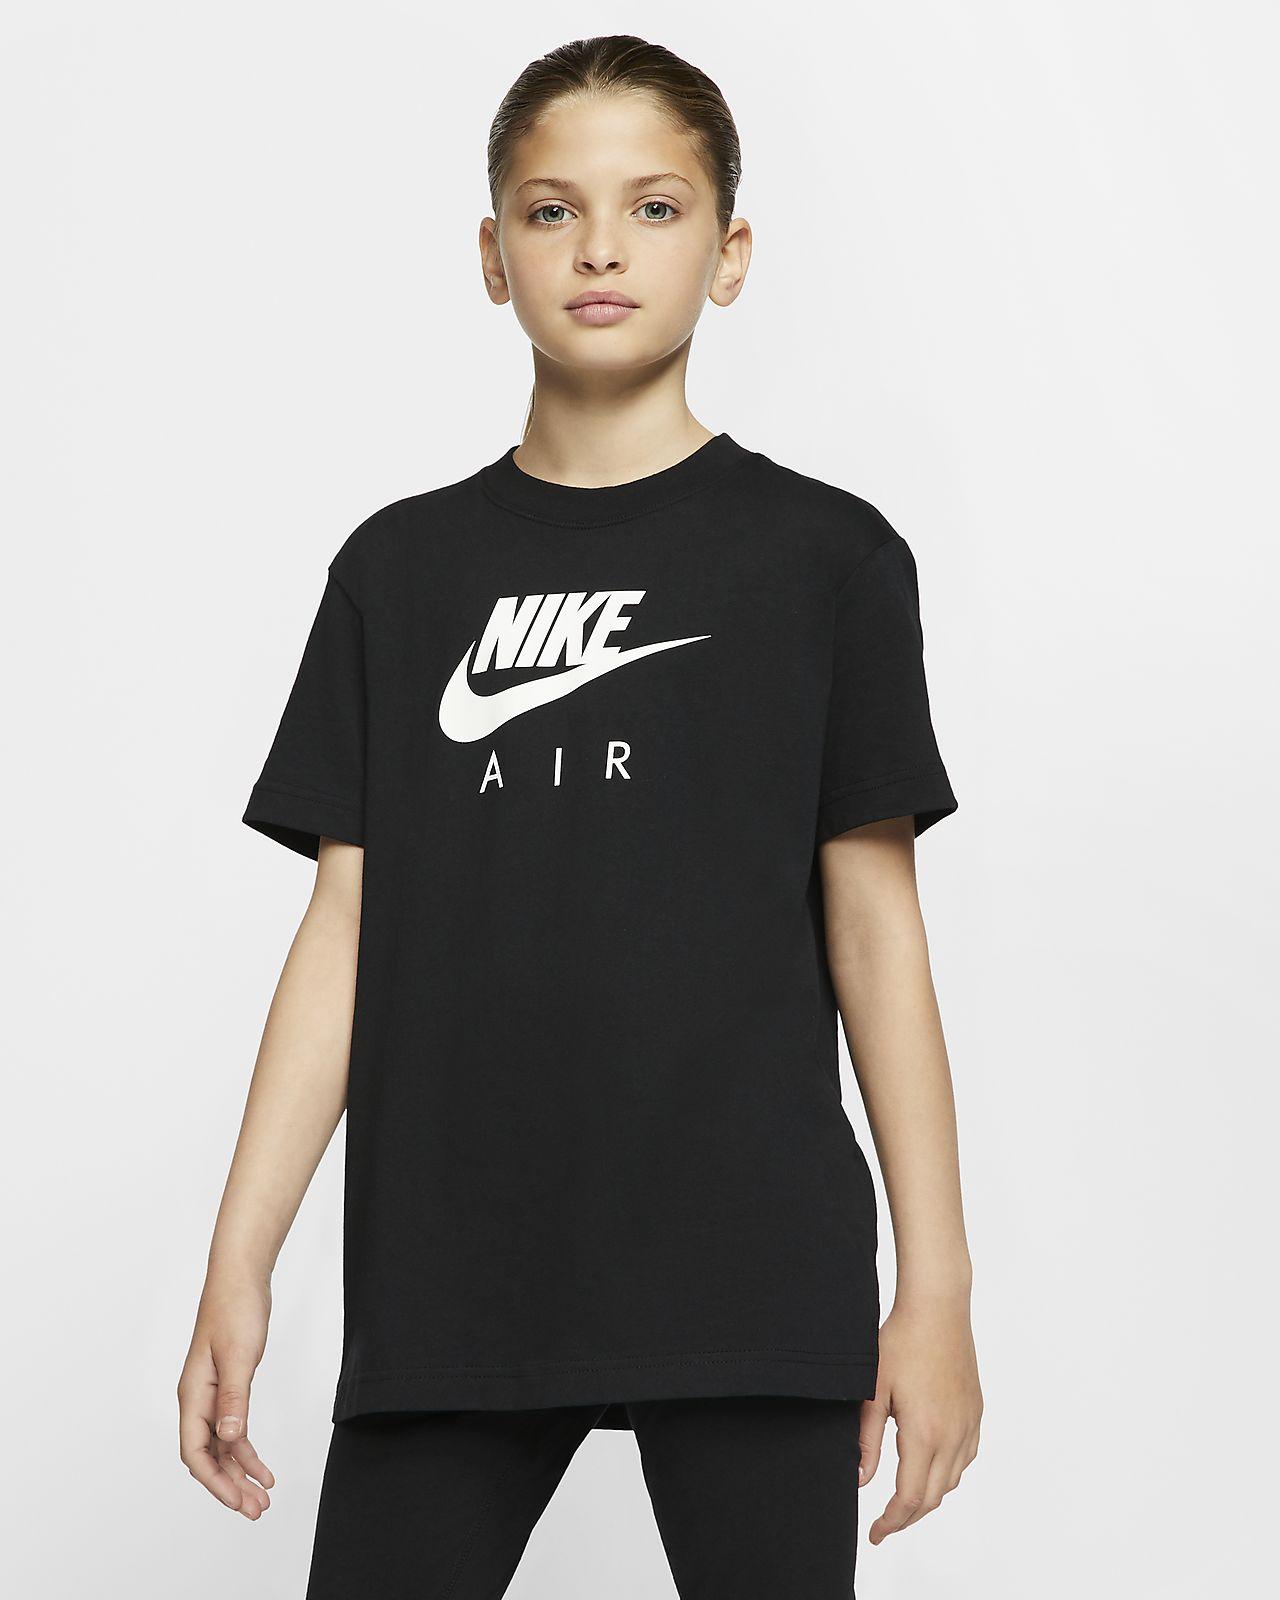 Nike Air Older Kids' (Girls') Cotton T-Shirt